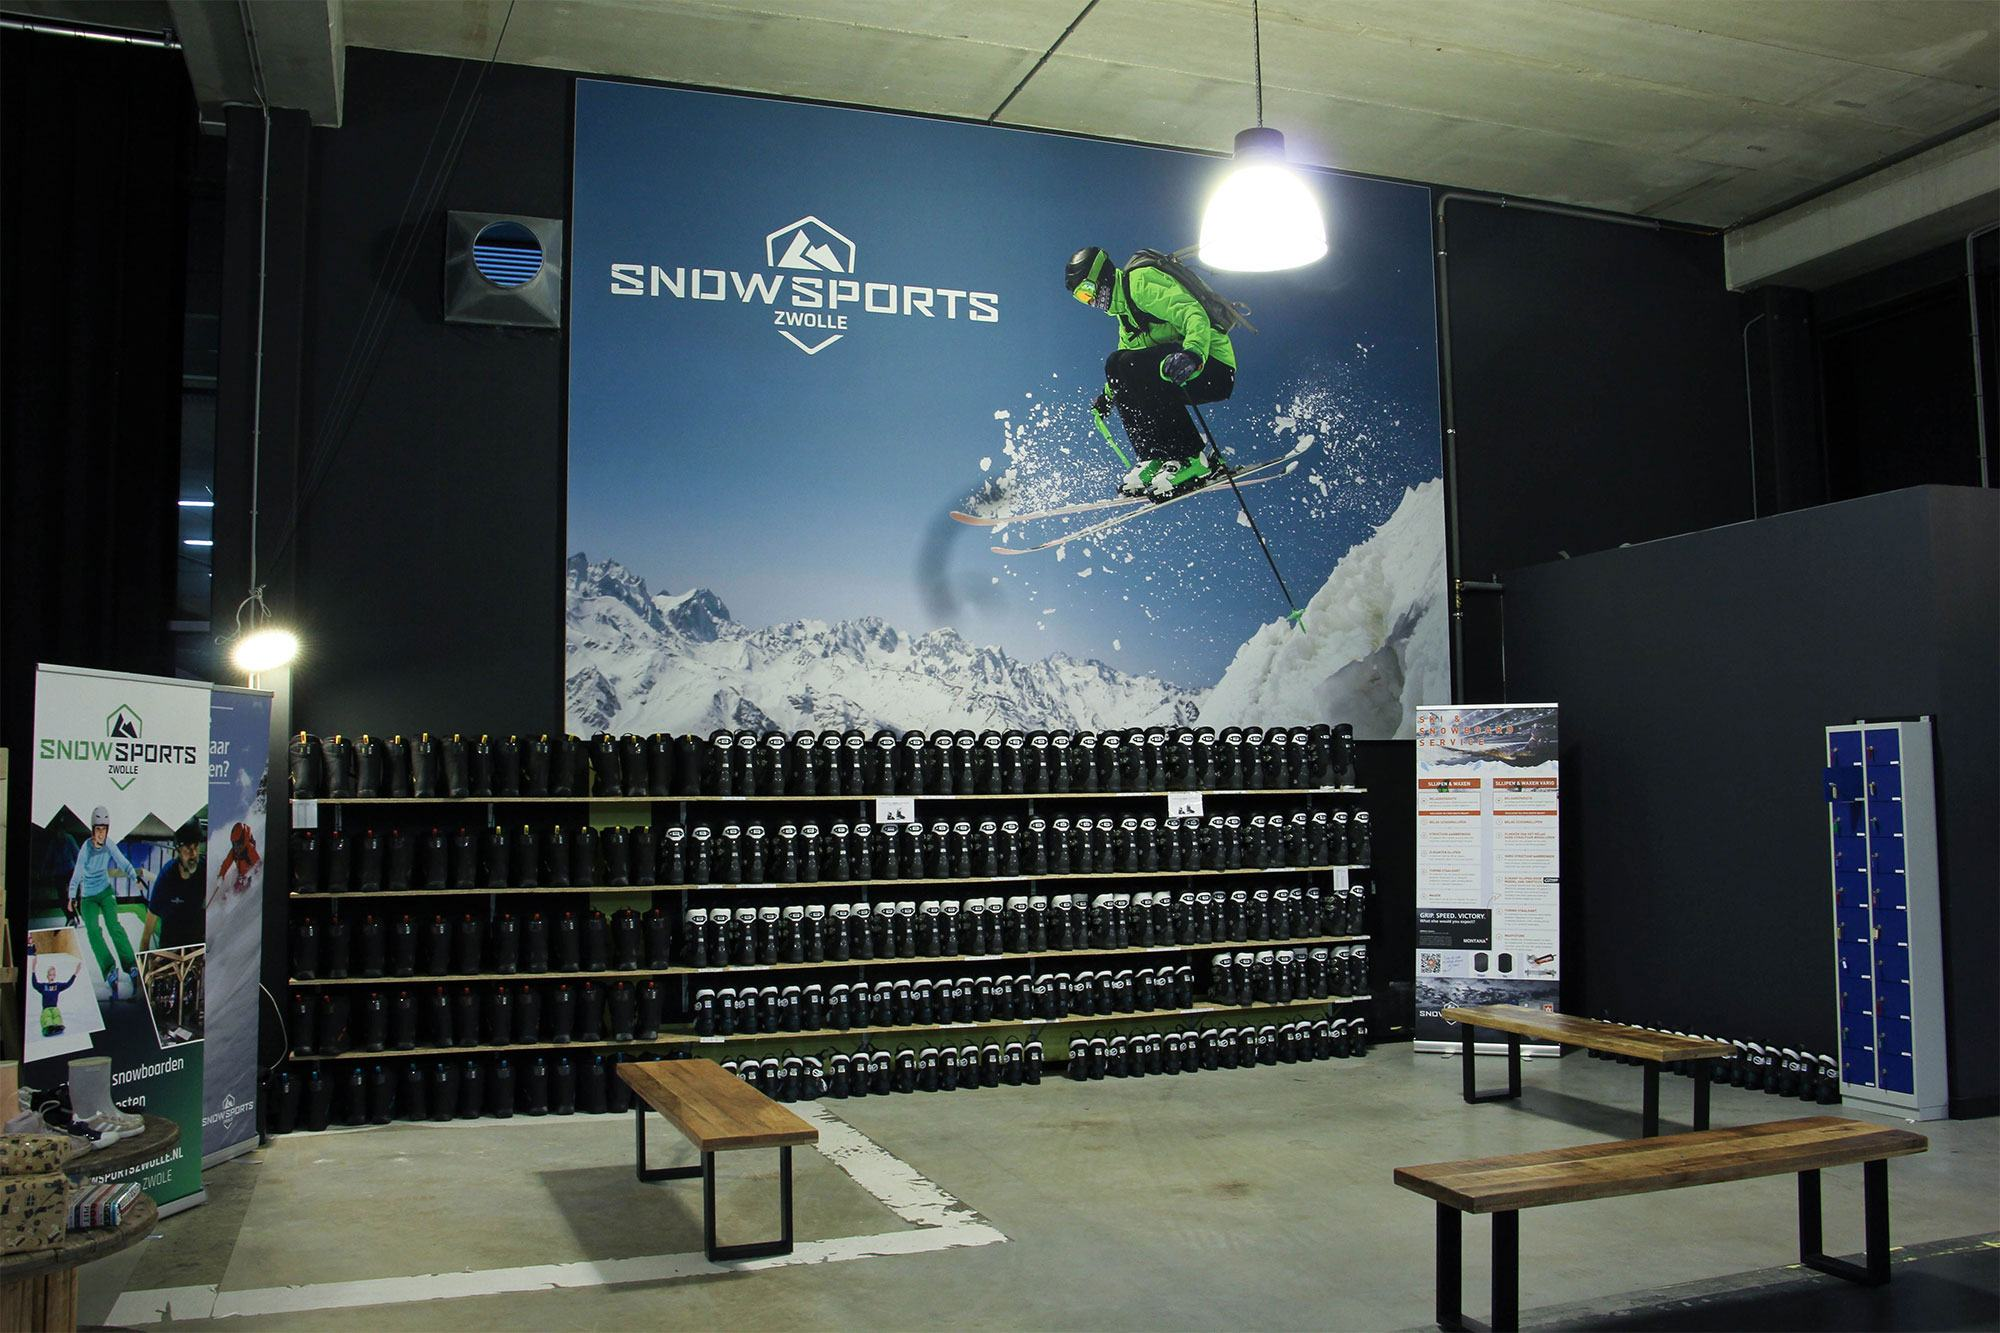 snowsports akoestiek